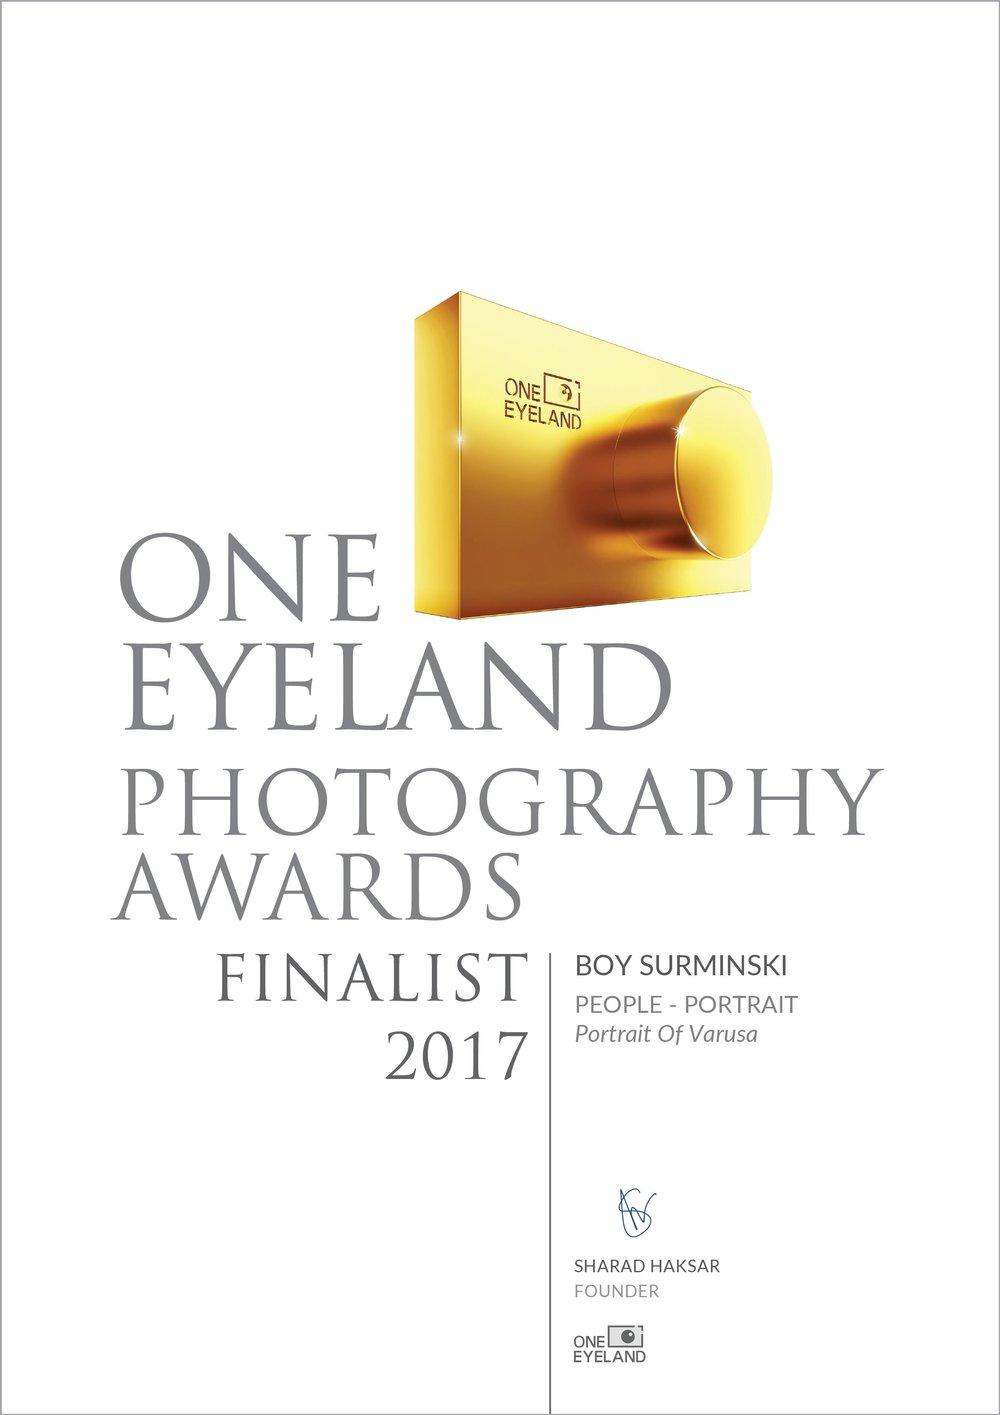 boysurminski-finalist-people-portrait-page-001.jpg